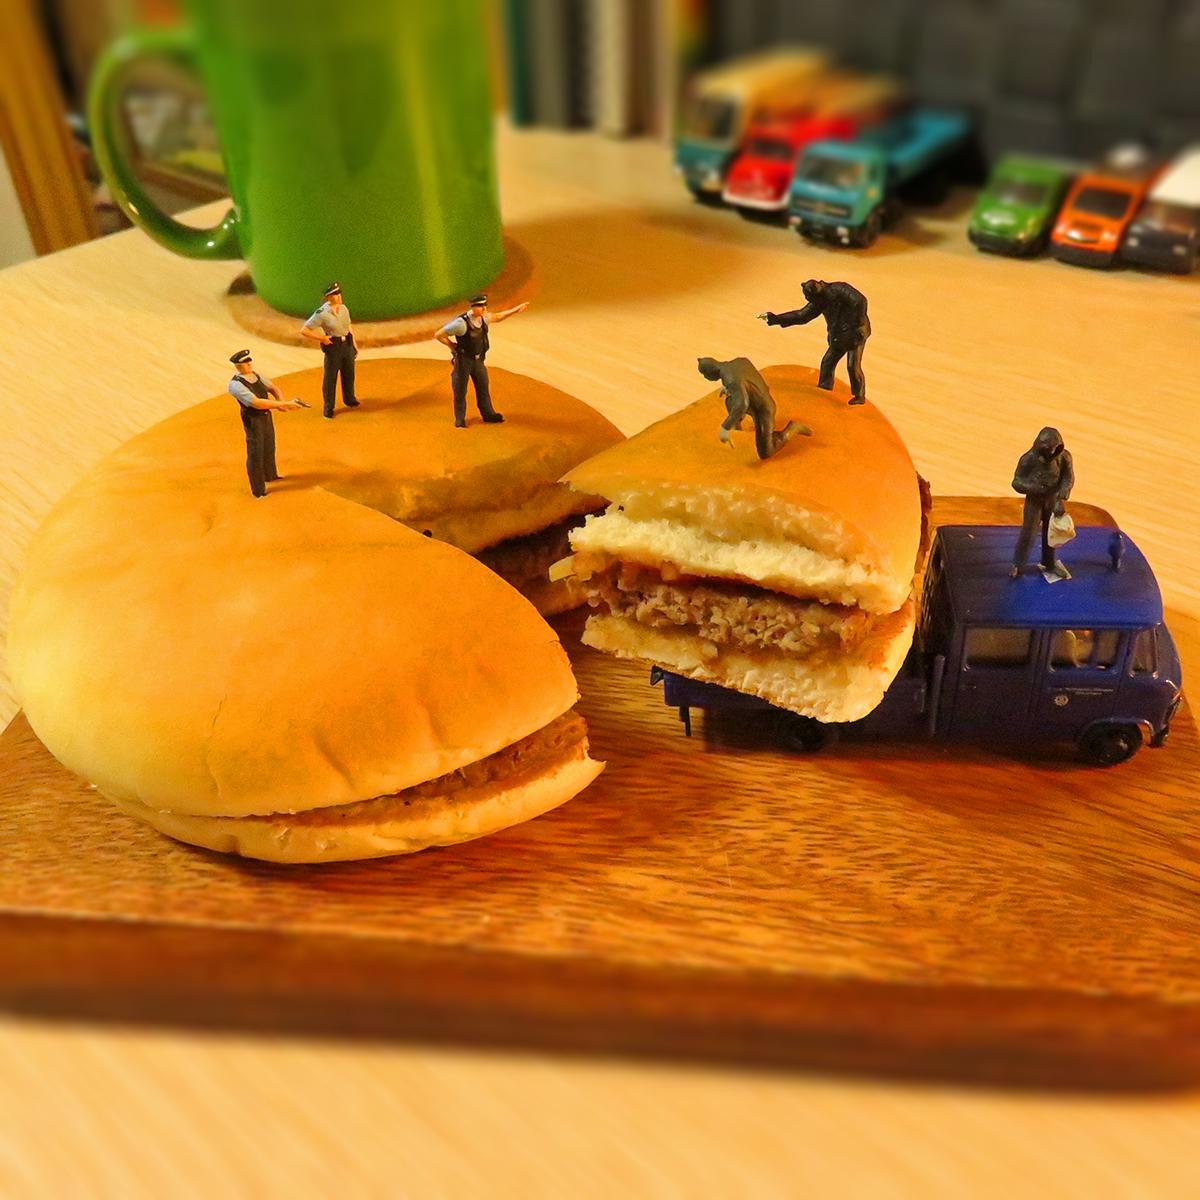 マクドナルドのハンバーガーを盗んで逃げる泥棒と捕まえそこねた警察官